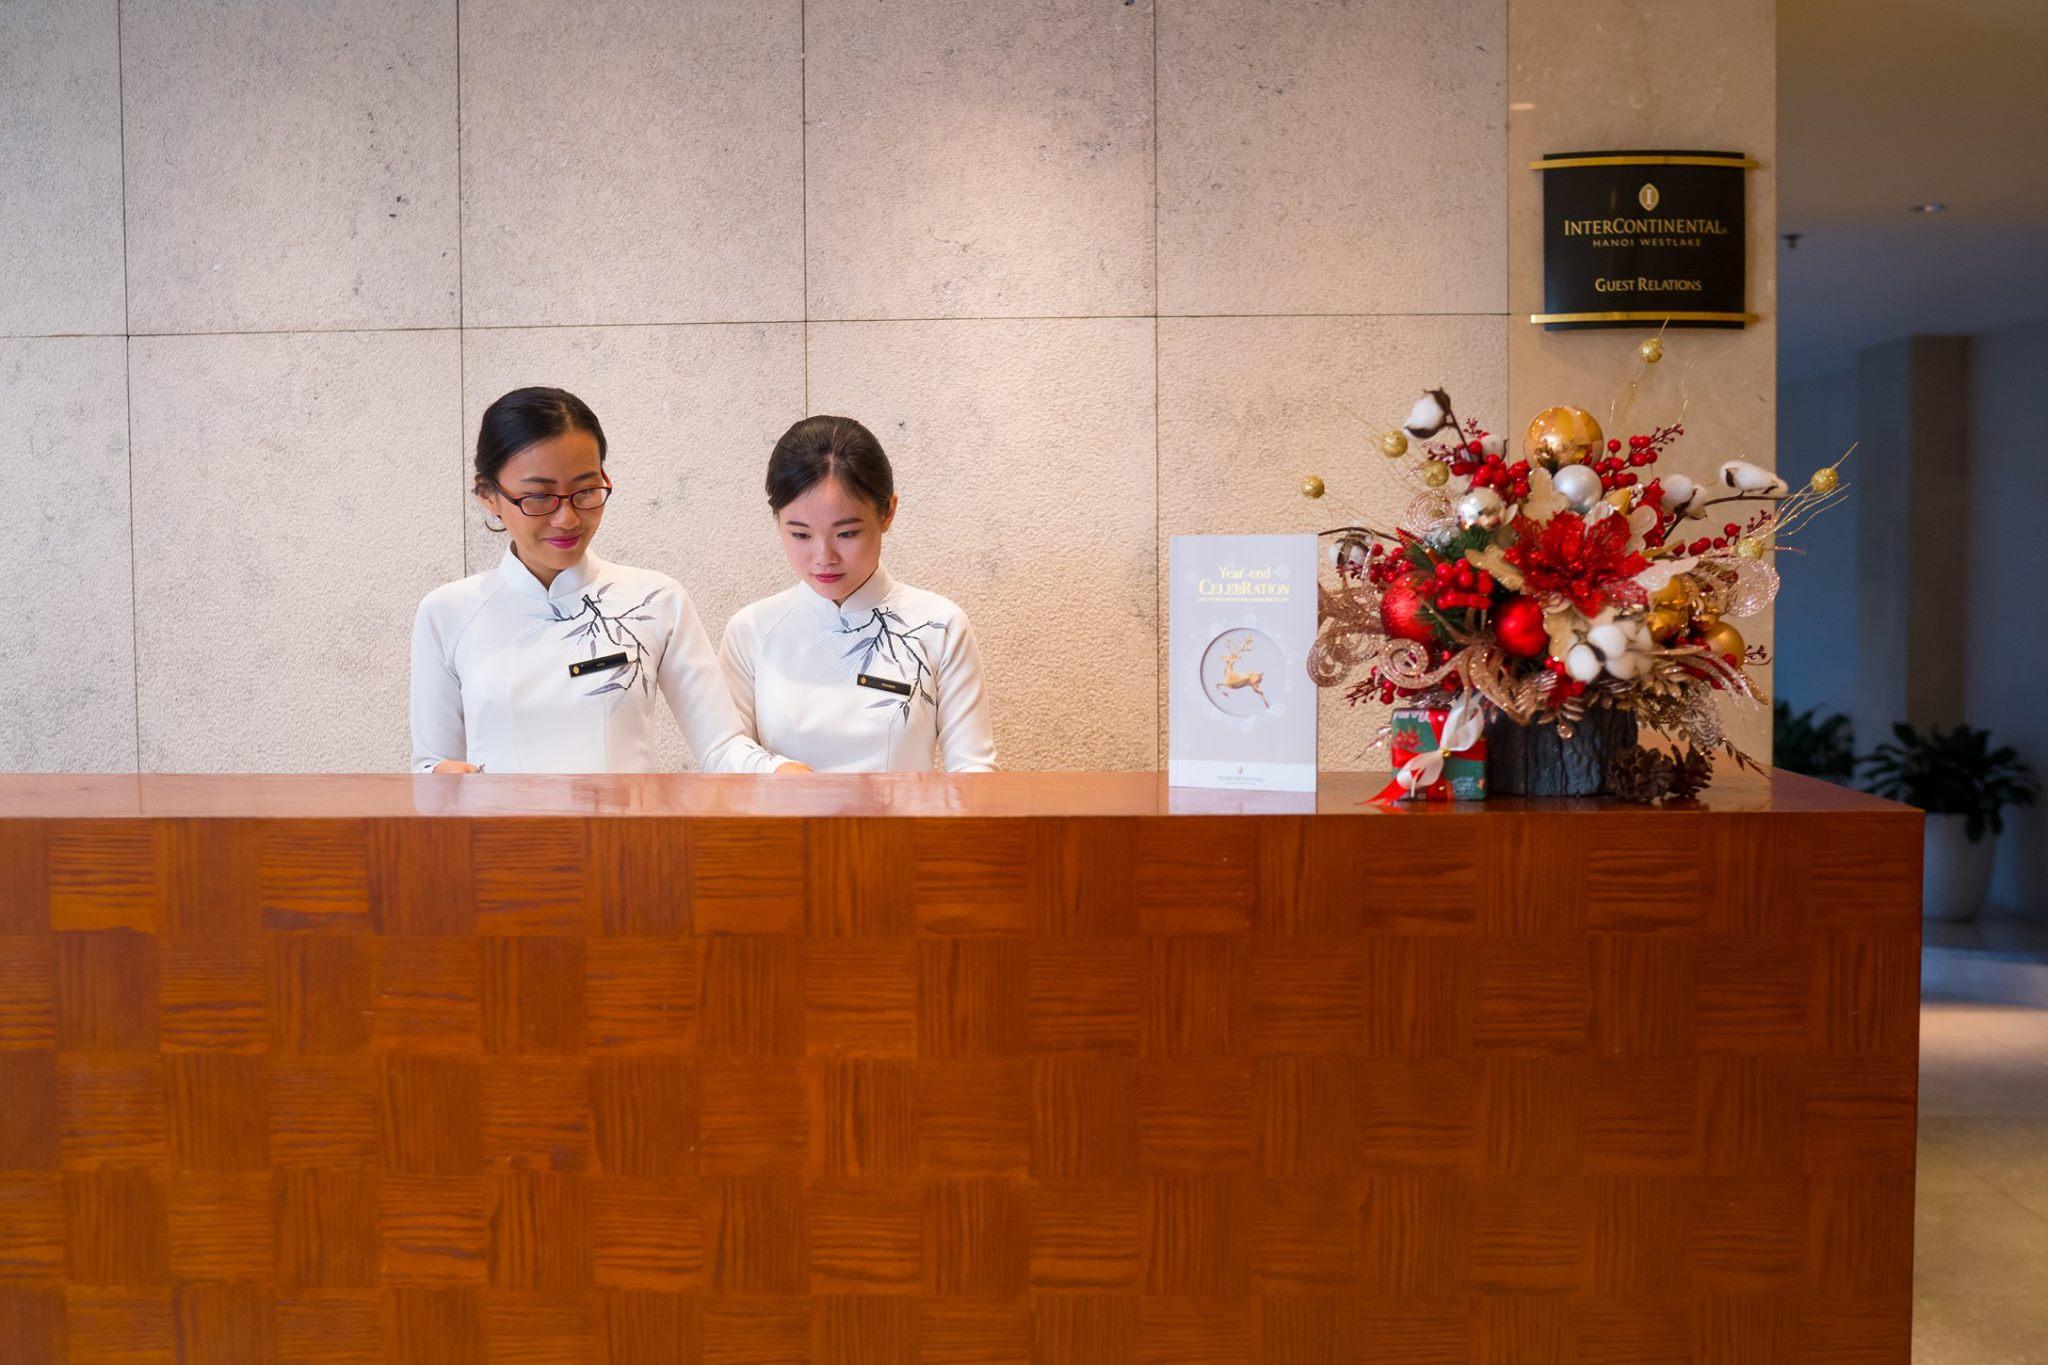 Đồng phục lễ tân của khách sạn Intercontinental Ha Noi